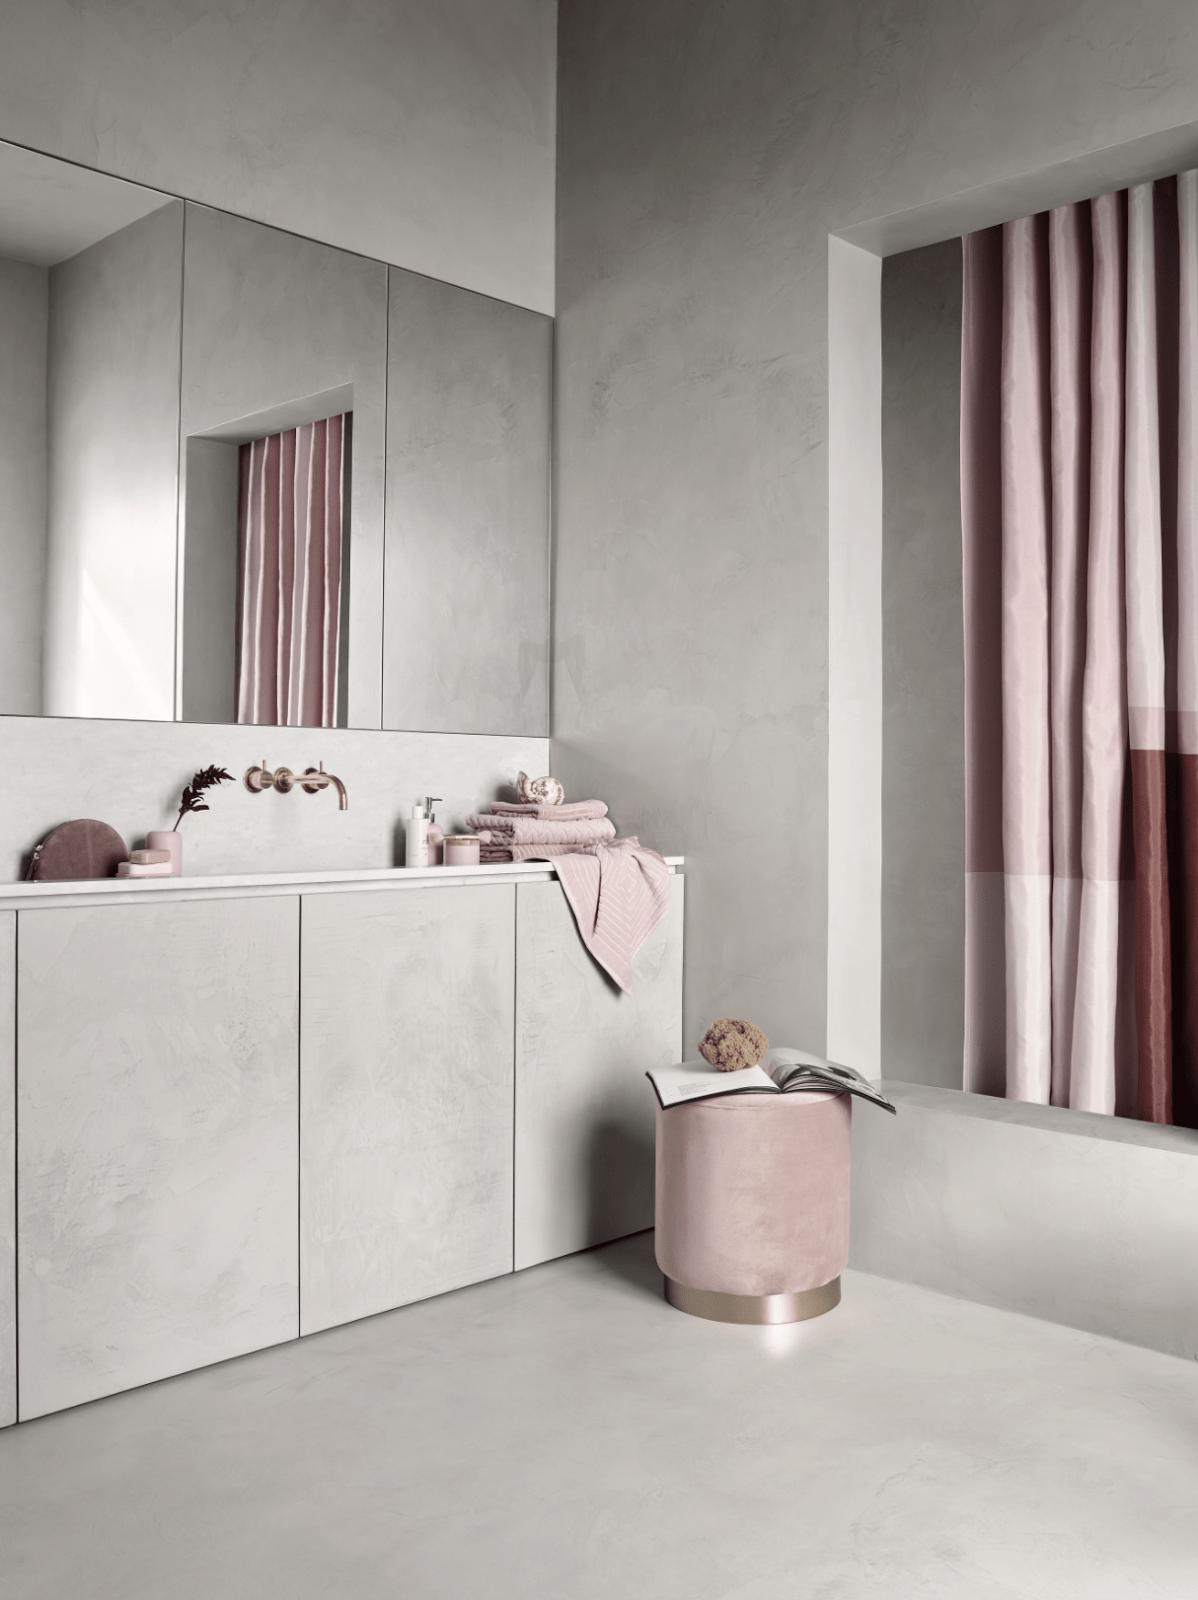 Hm Home Salle De Bain ~ h m home shades of pink de la maison vivre et int rieur